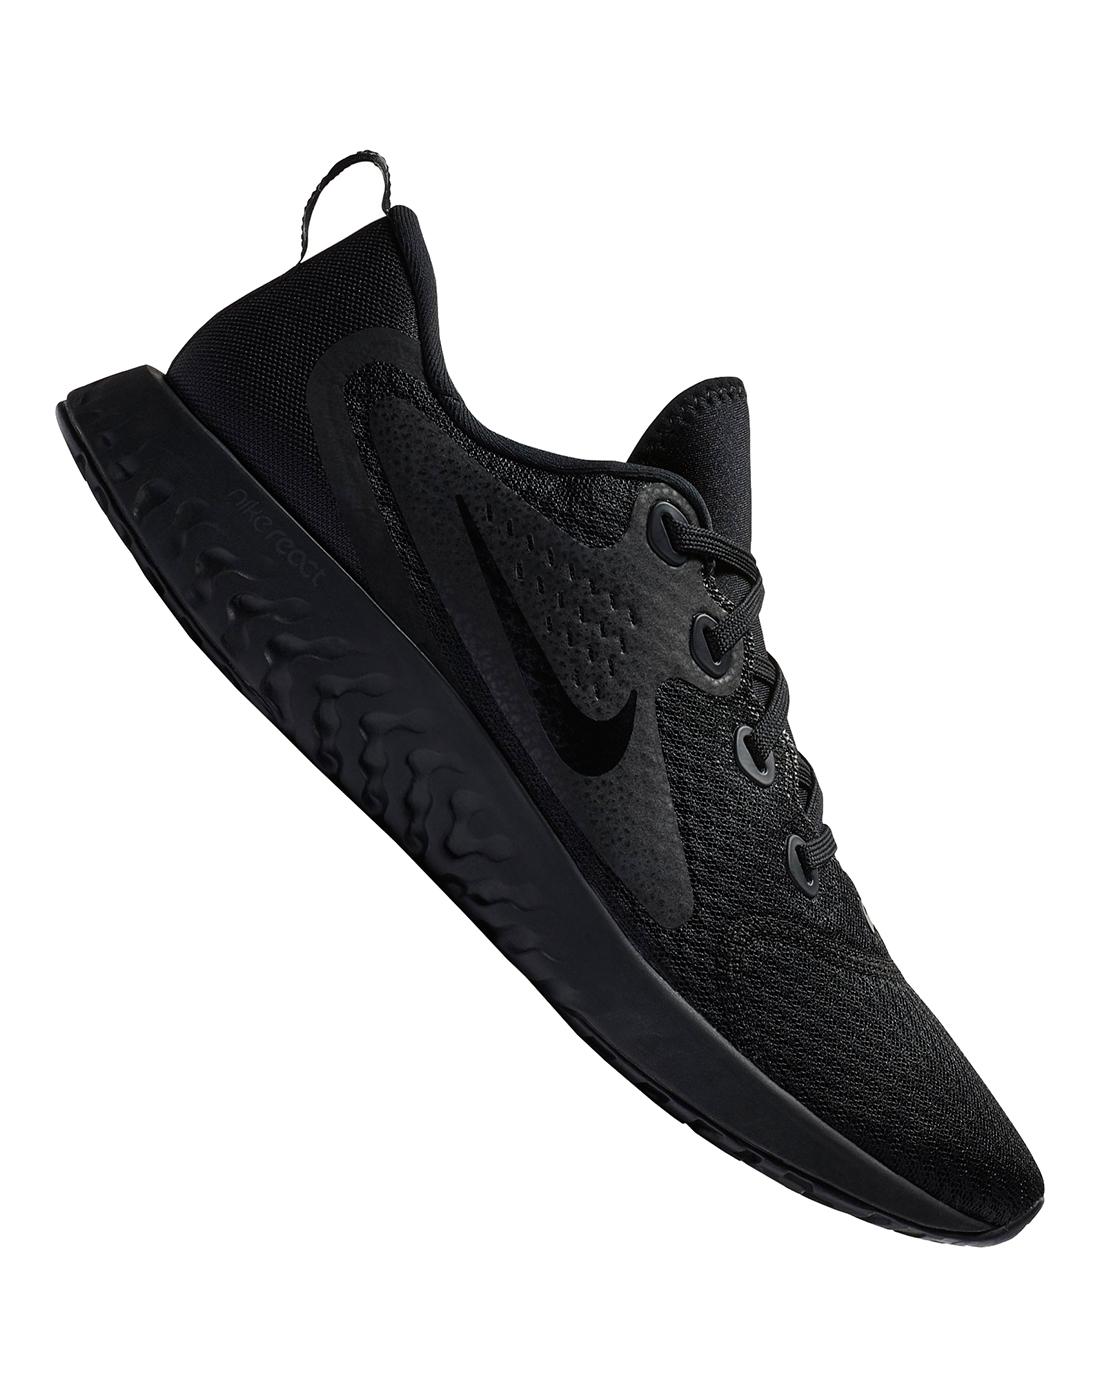 Men's Black Nike Legend React | Life